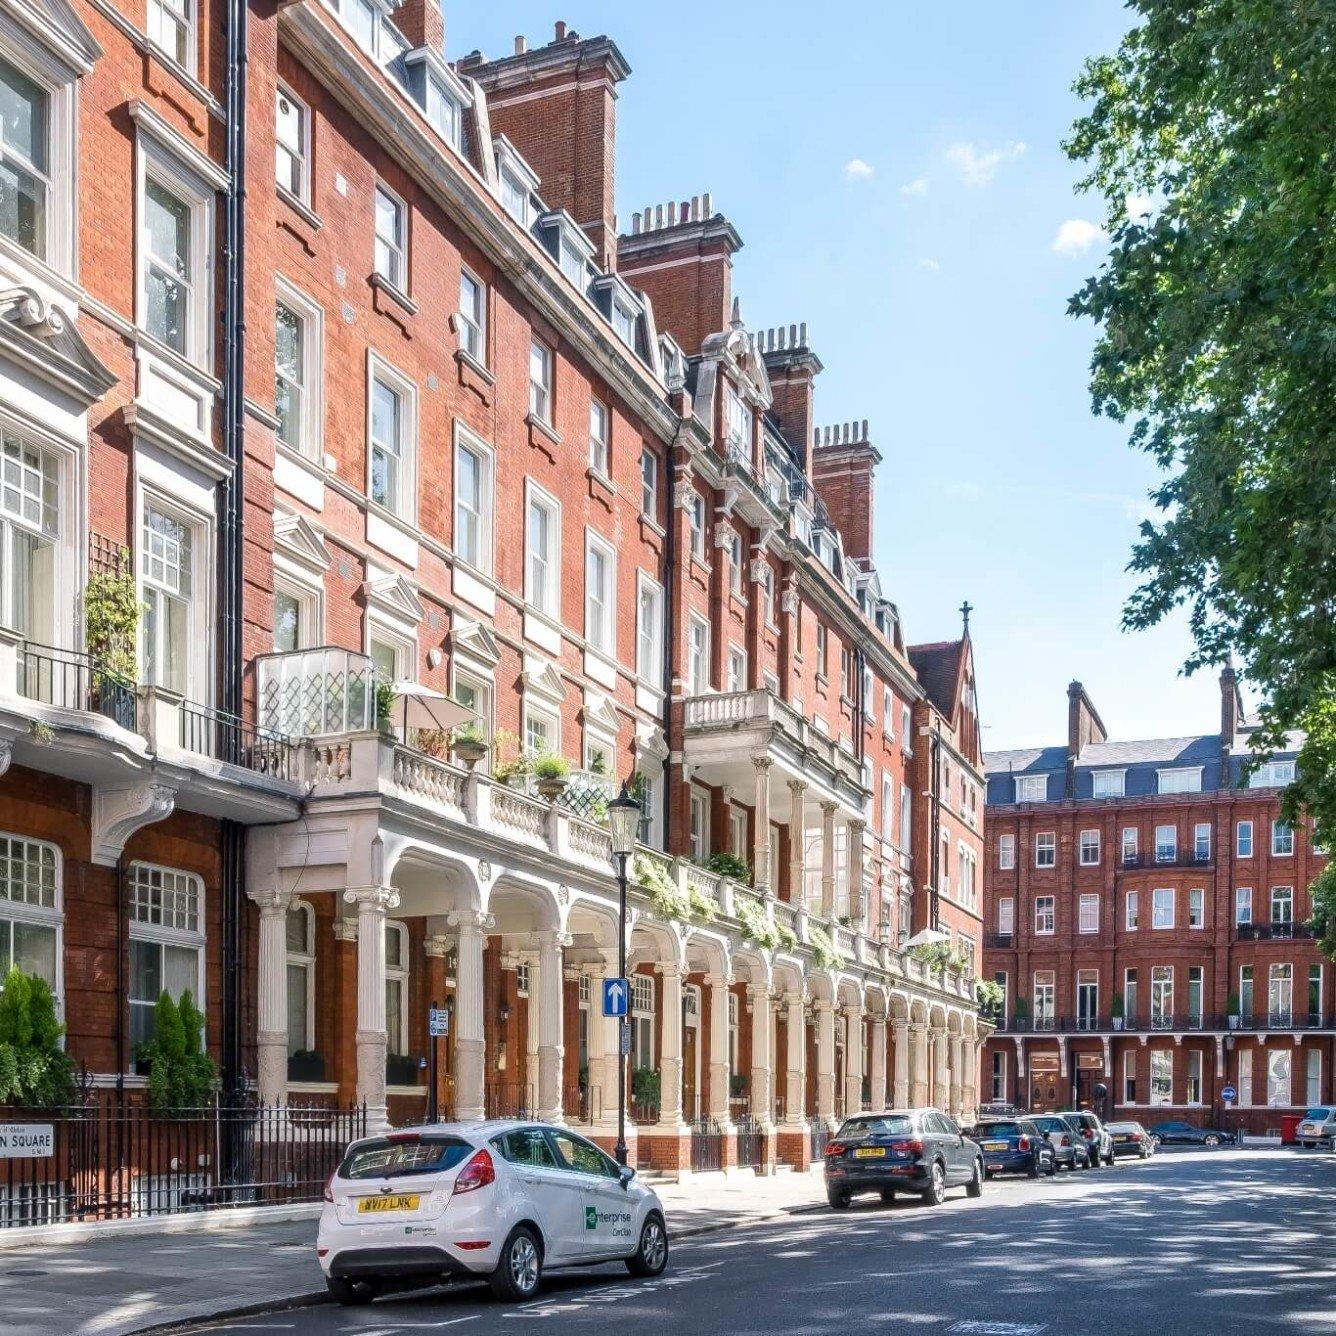 Cadogan Square grade listed victoria building - luxury maisonette refurbishment